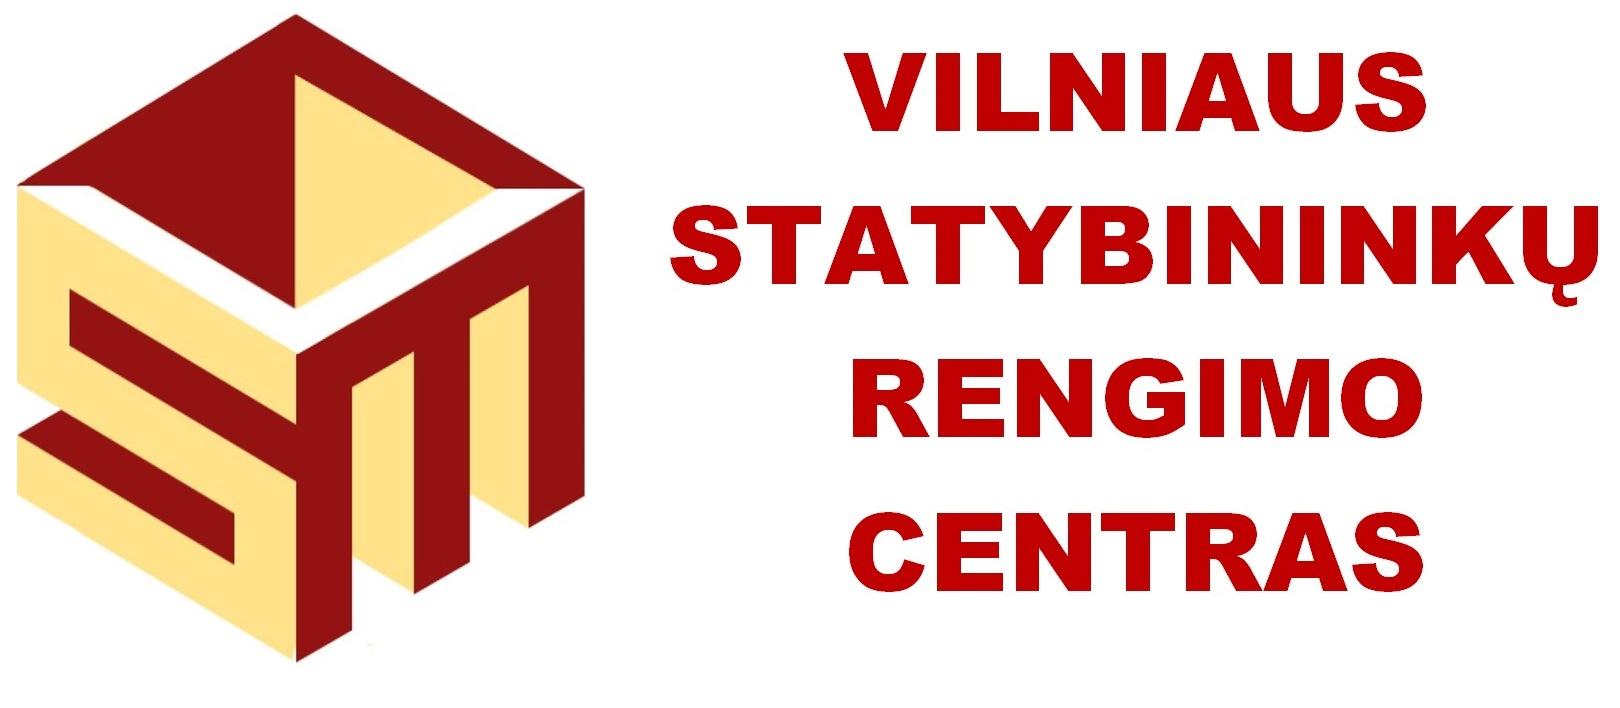 Vilniaus statybininkų rengimo centras VšĮ, filialas Logo